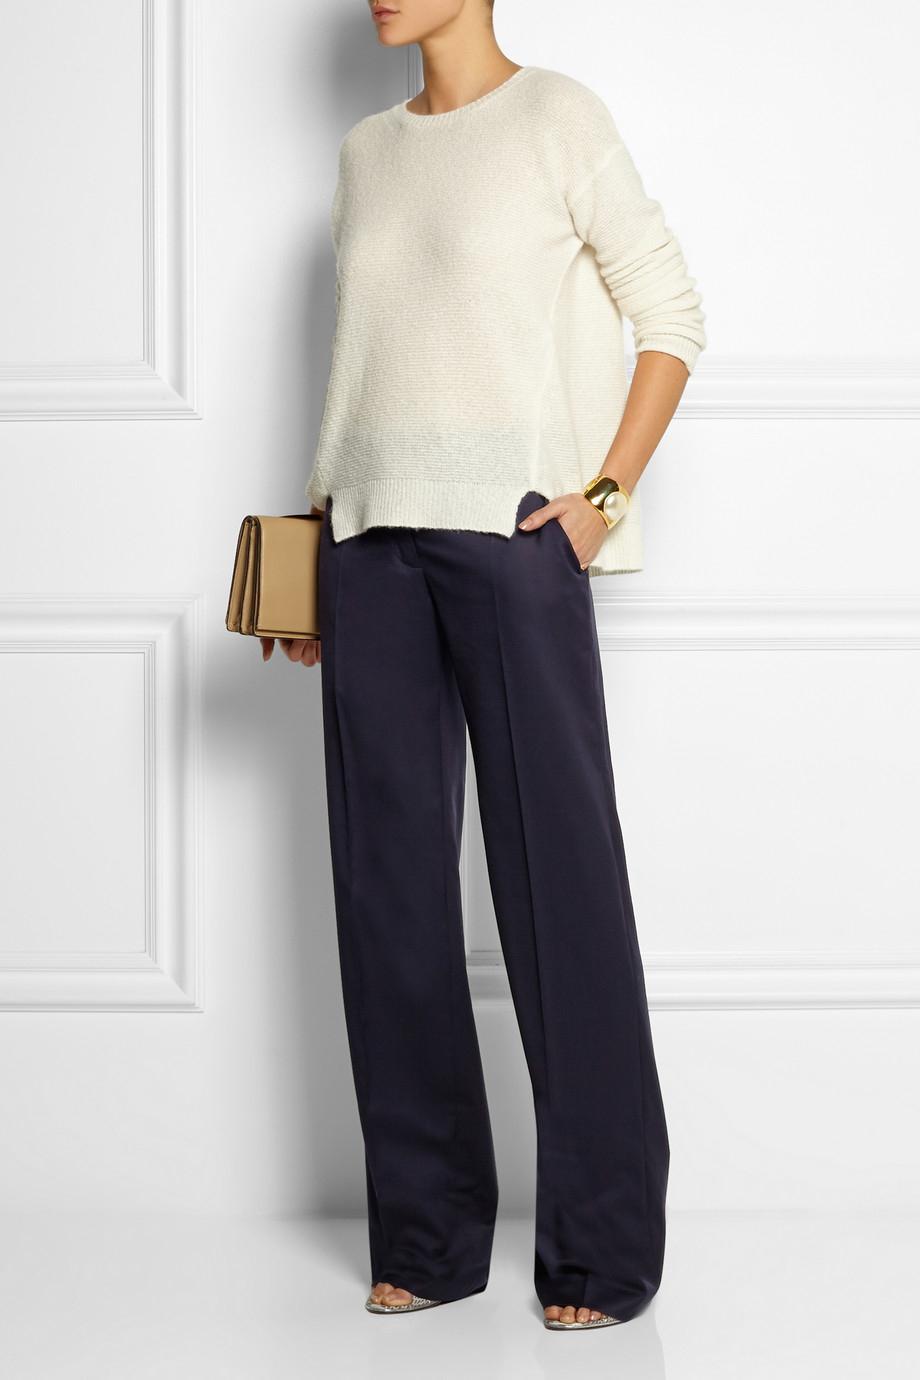 Stella mccartney Jasmine Wool-Twill Wide-Leg Pants in Blue | Lyst